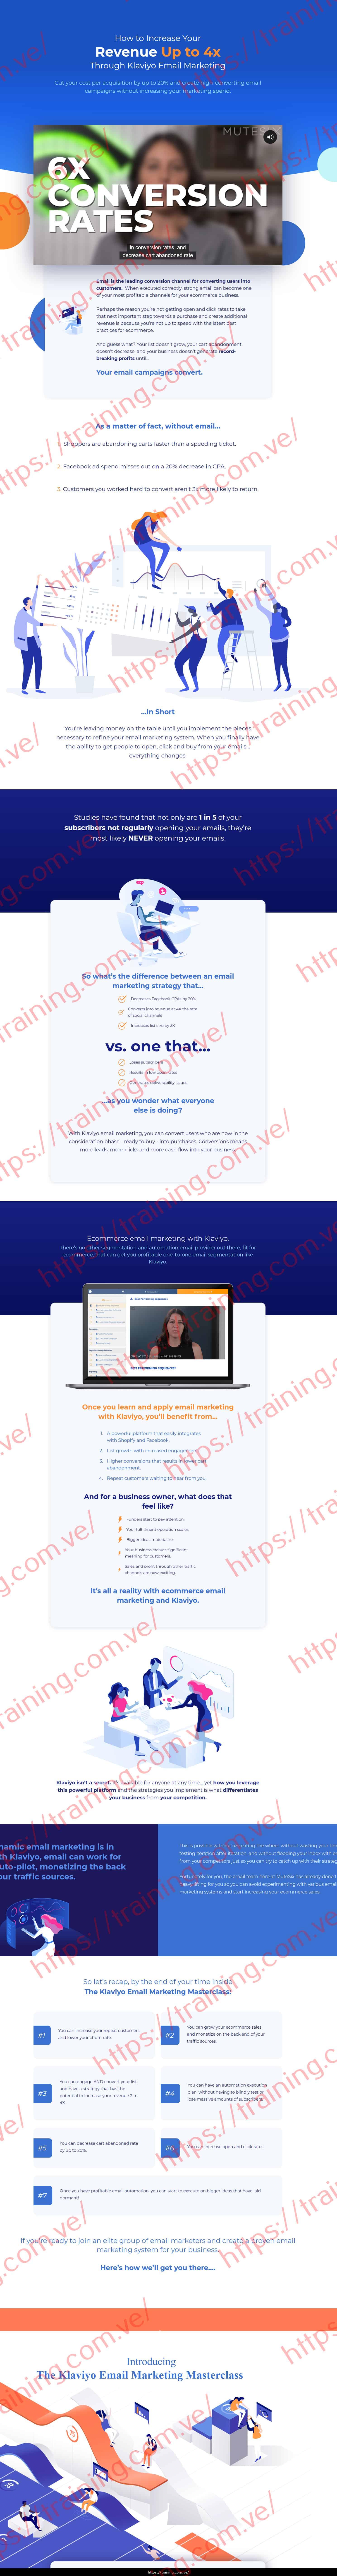 MuteSix Klaviyo Email Marketing Masterclass Sales page